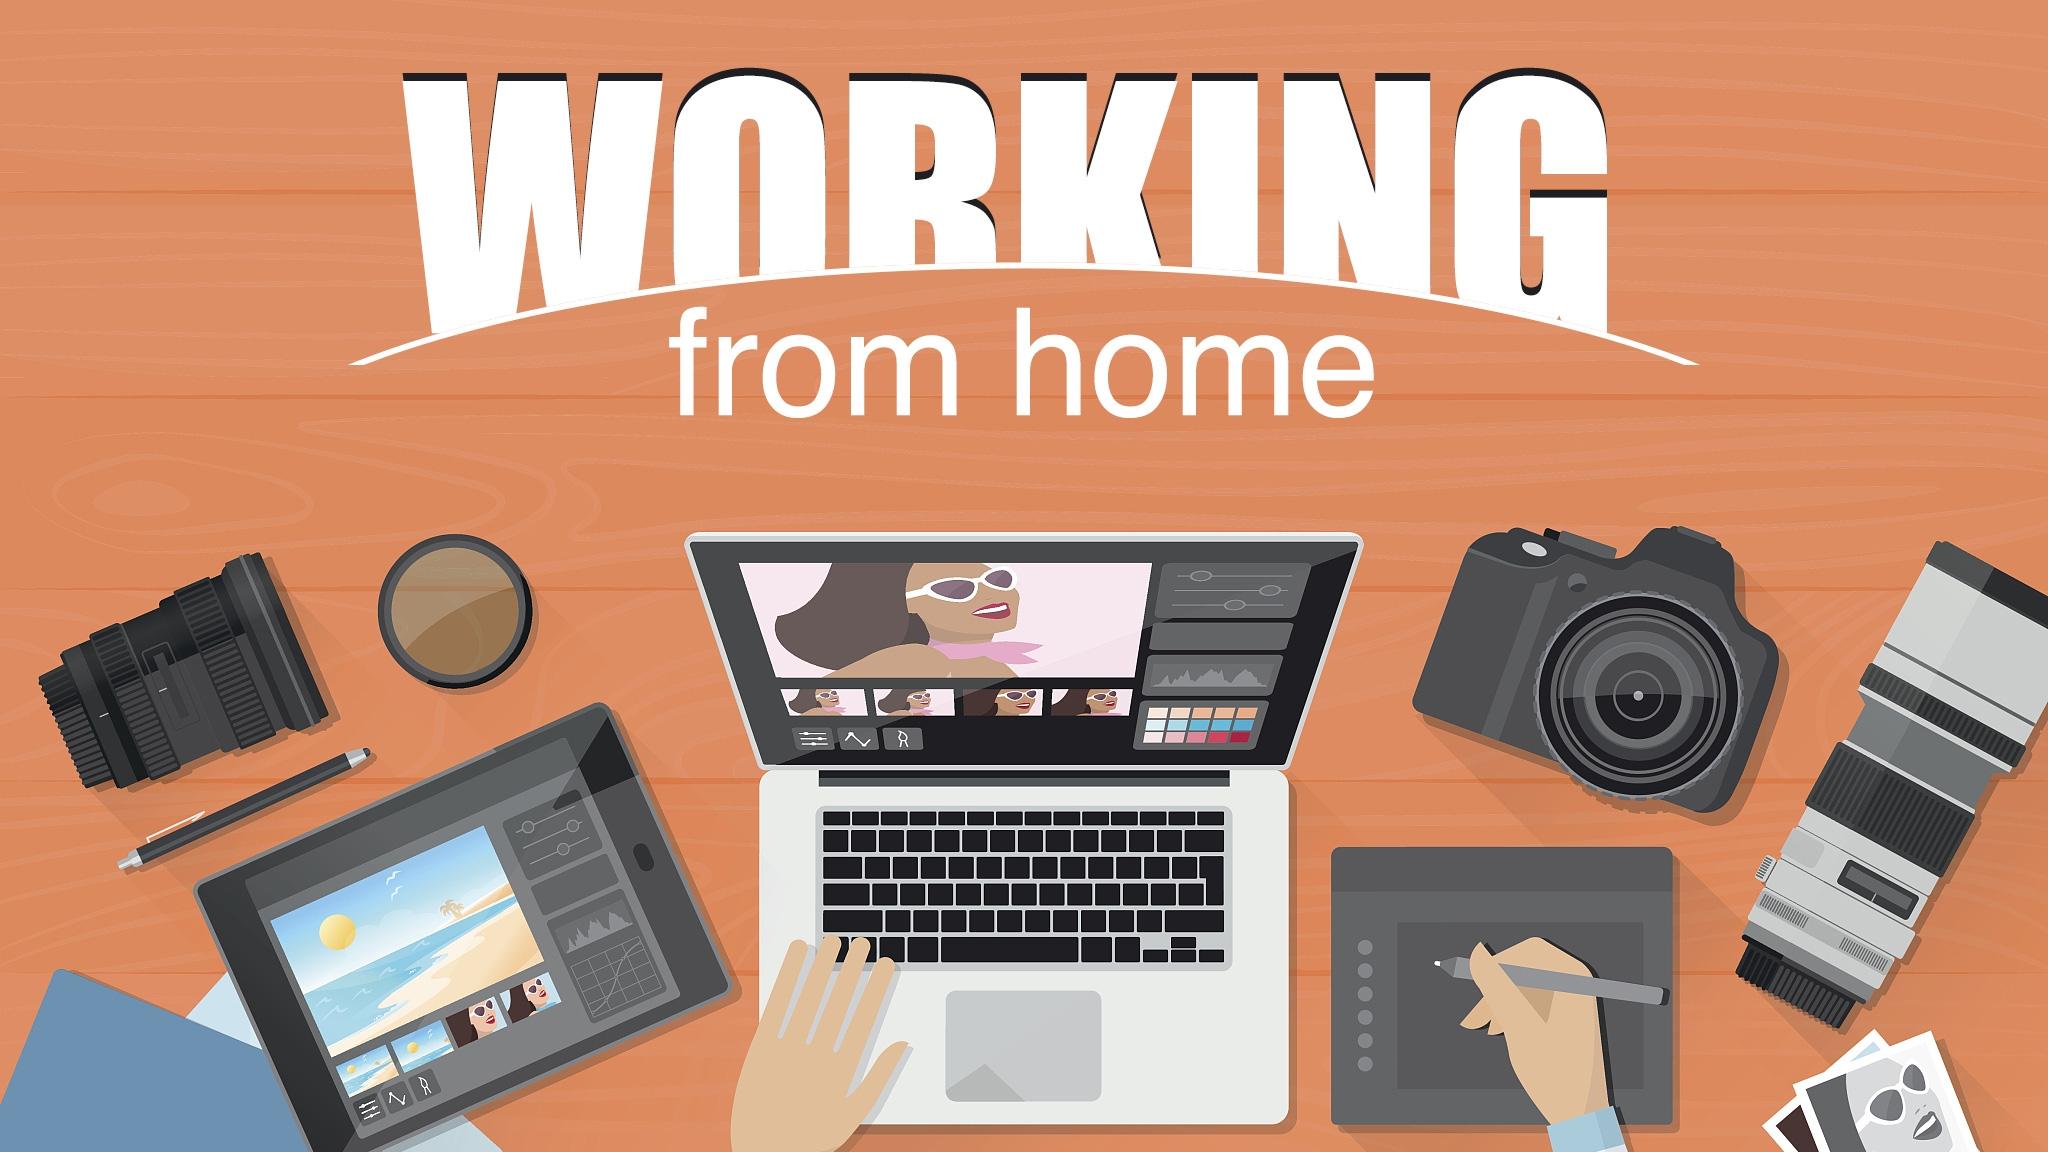 WORK FROM HOME: XU HƯỚNG LÀM VIỆC TRONG MÙA DỊCH COVID-19